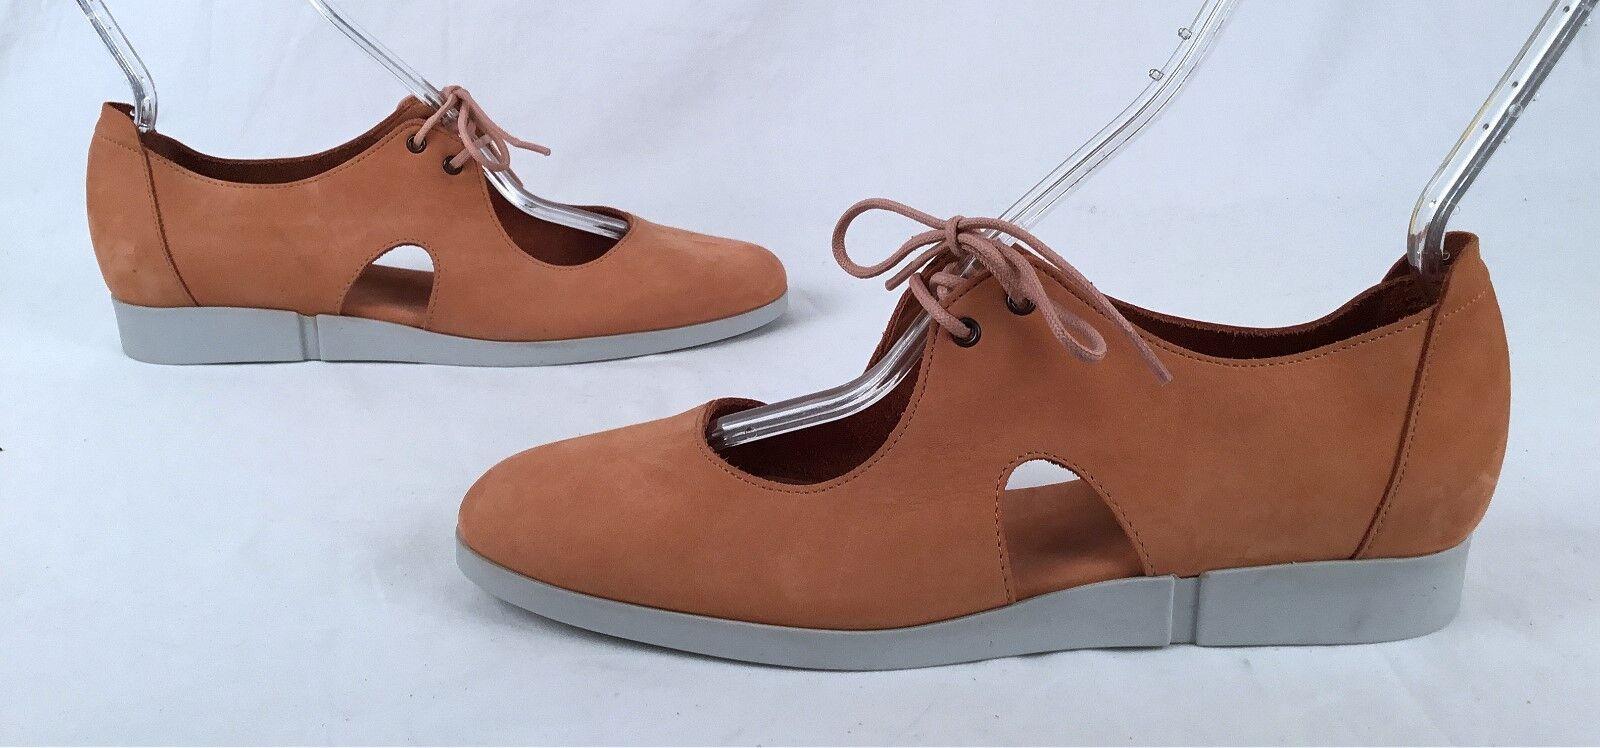 NUOVO Arche'Ceon 'Sandal - Peach - Dimensione 10 US    41 EU - 375 -(P40)  vendita online sconto prezzo basso